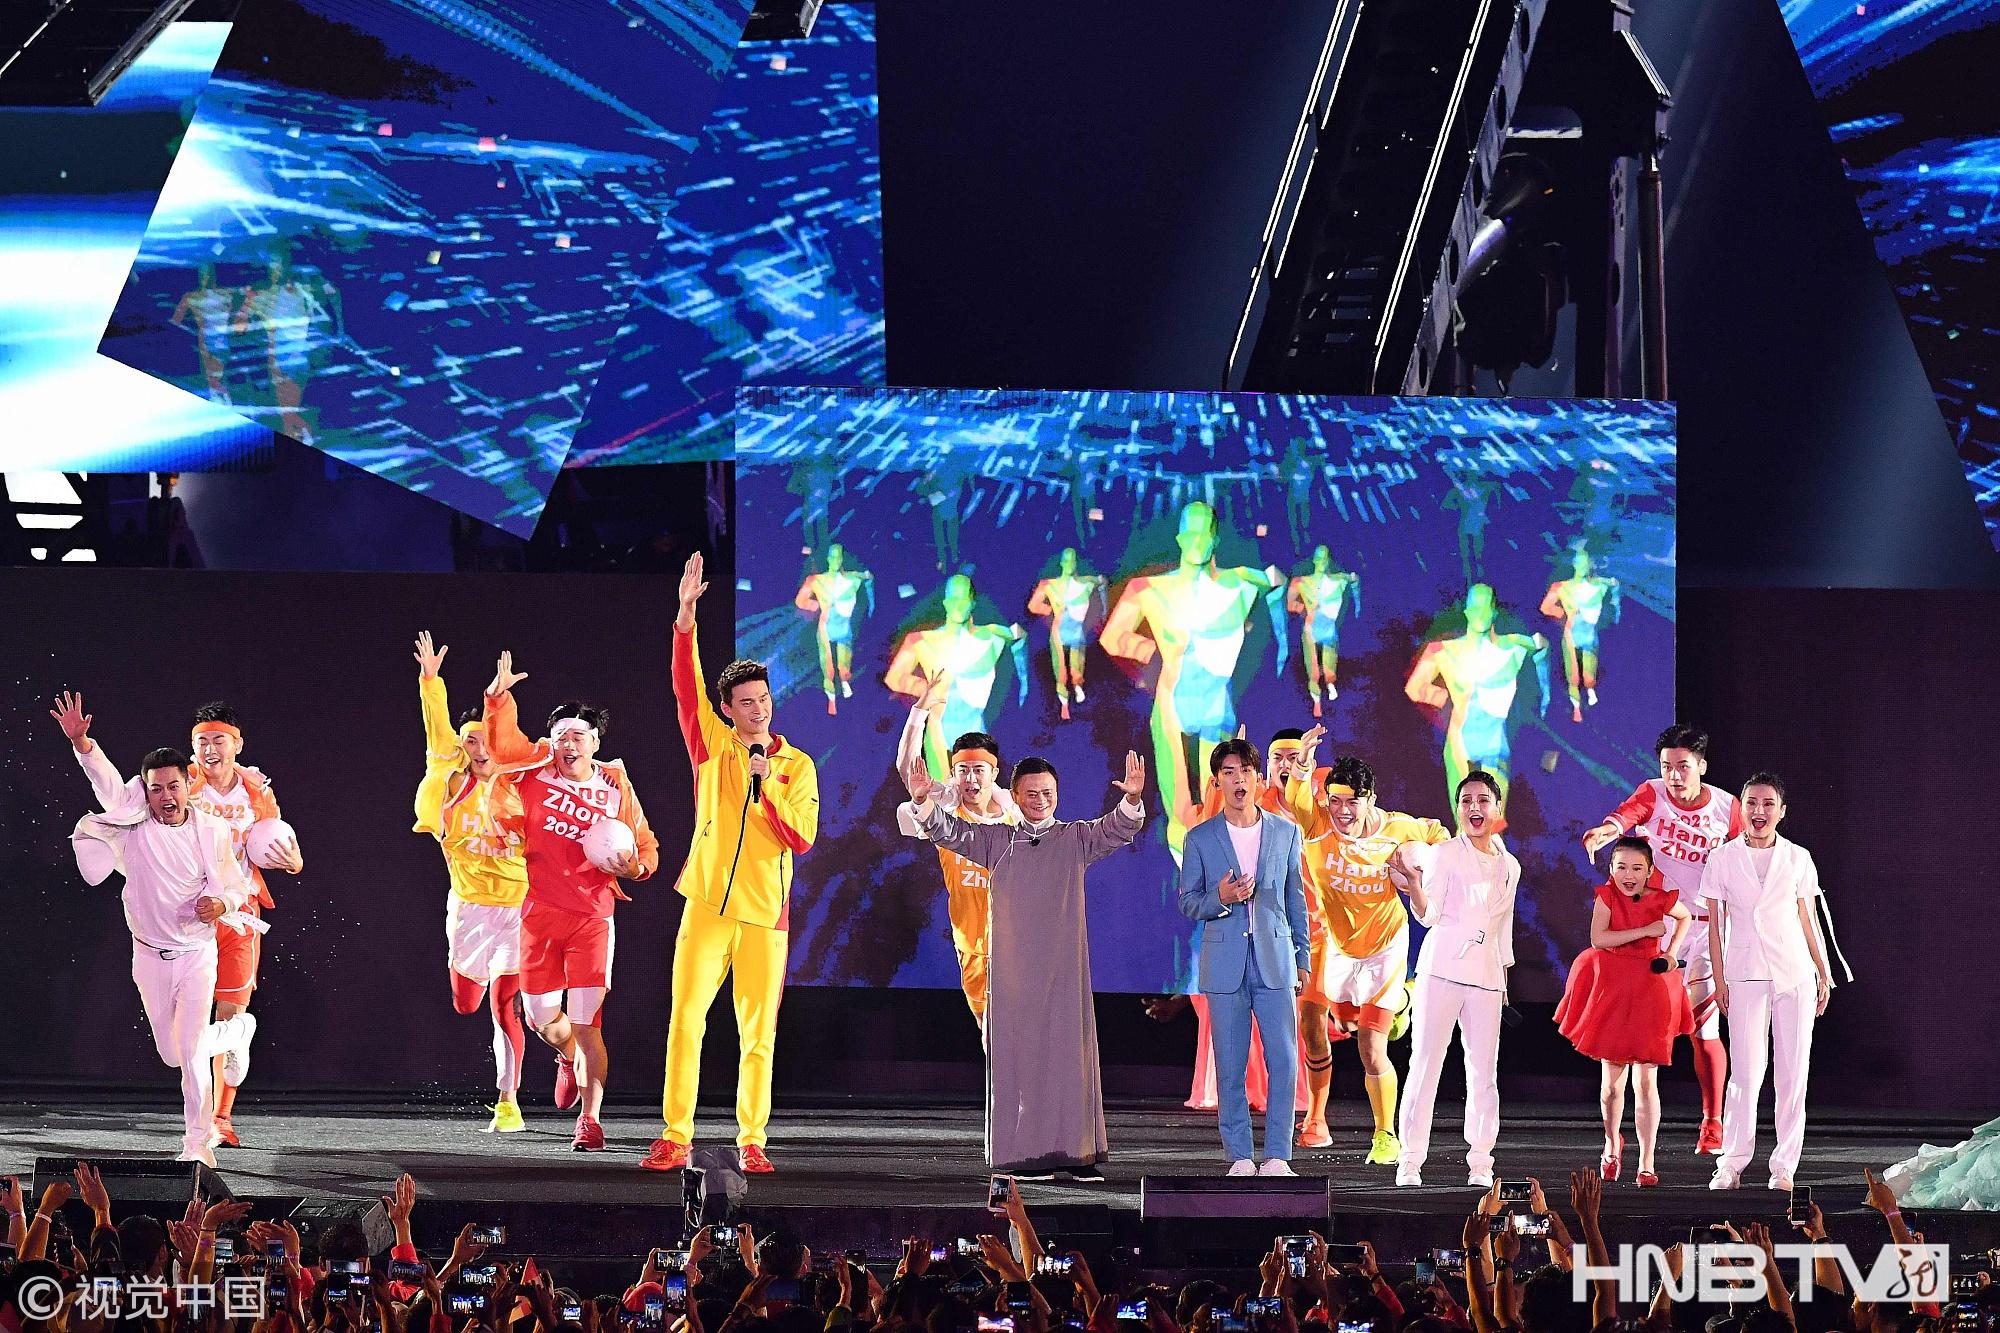 易烊千玺亮相亚运会闭幕式杭州8分钟 与孙杨、马云同框